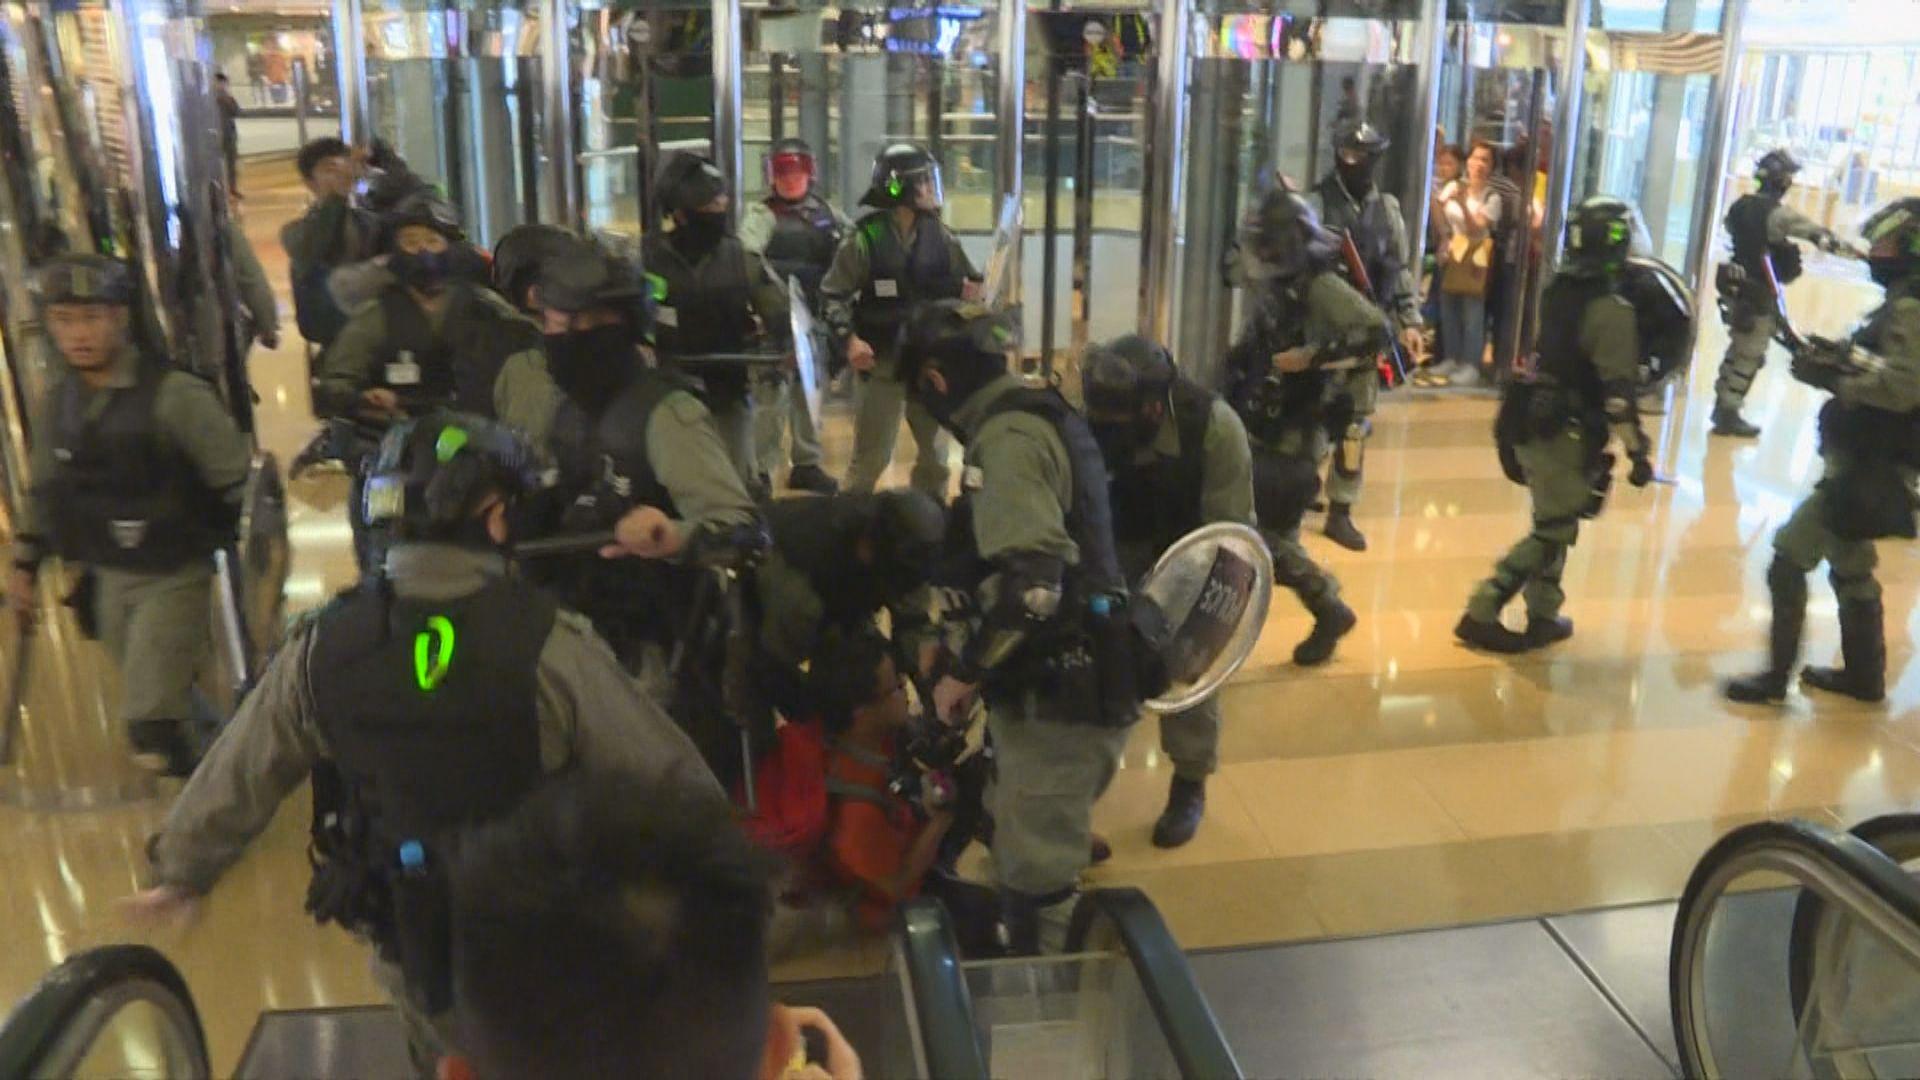 防暴警察入太古城商場驅趕人群 有人被制服